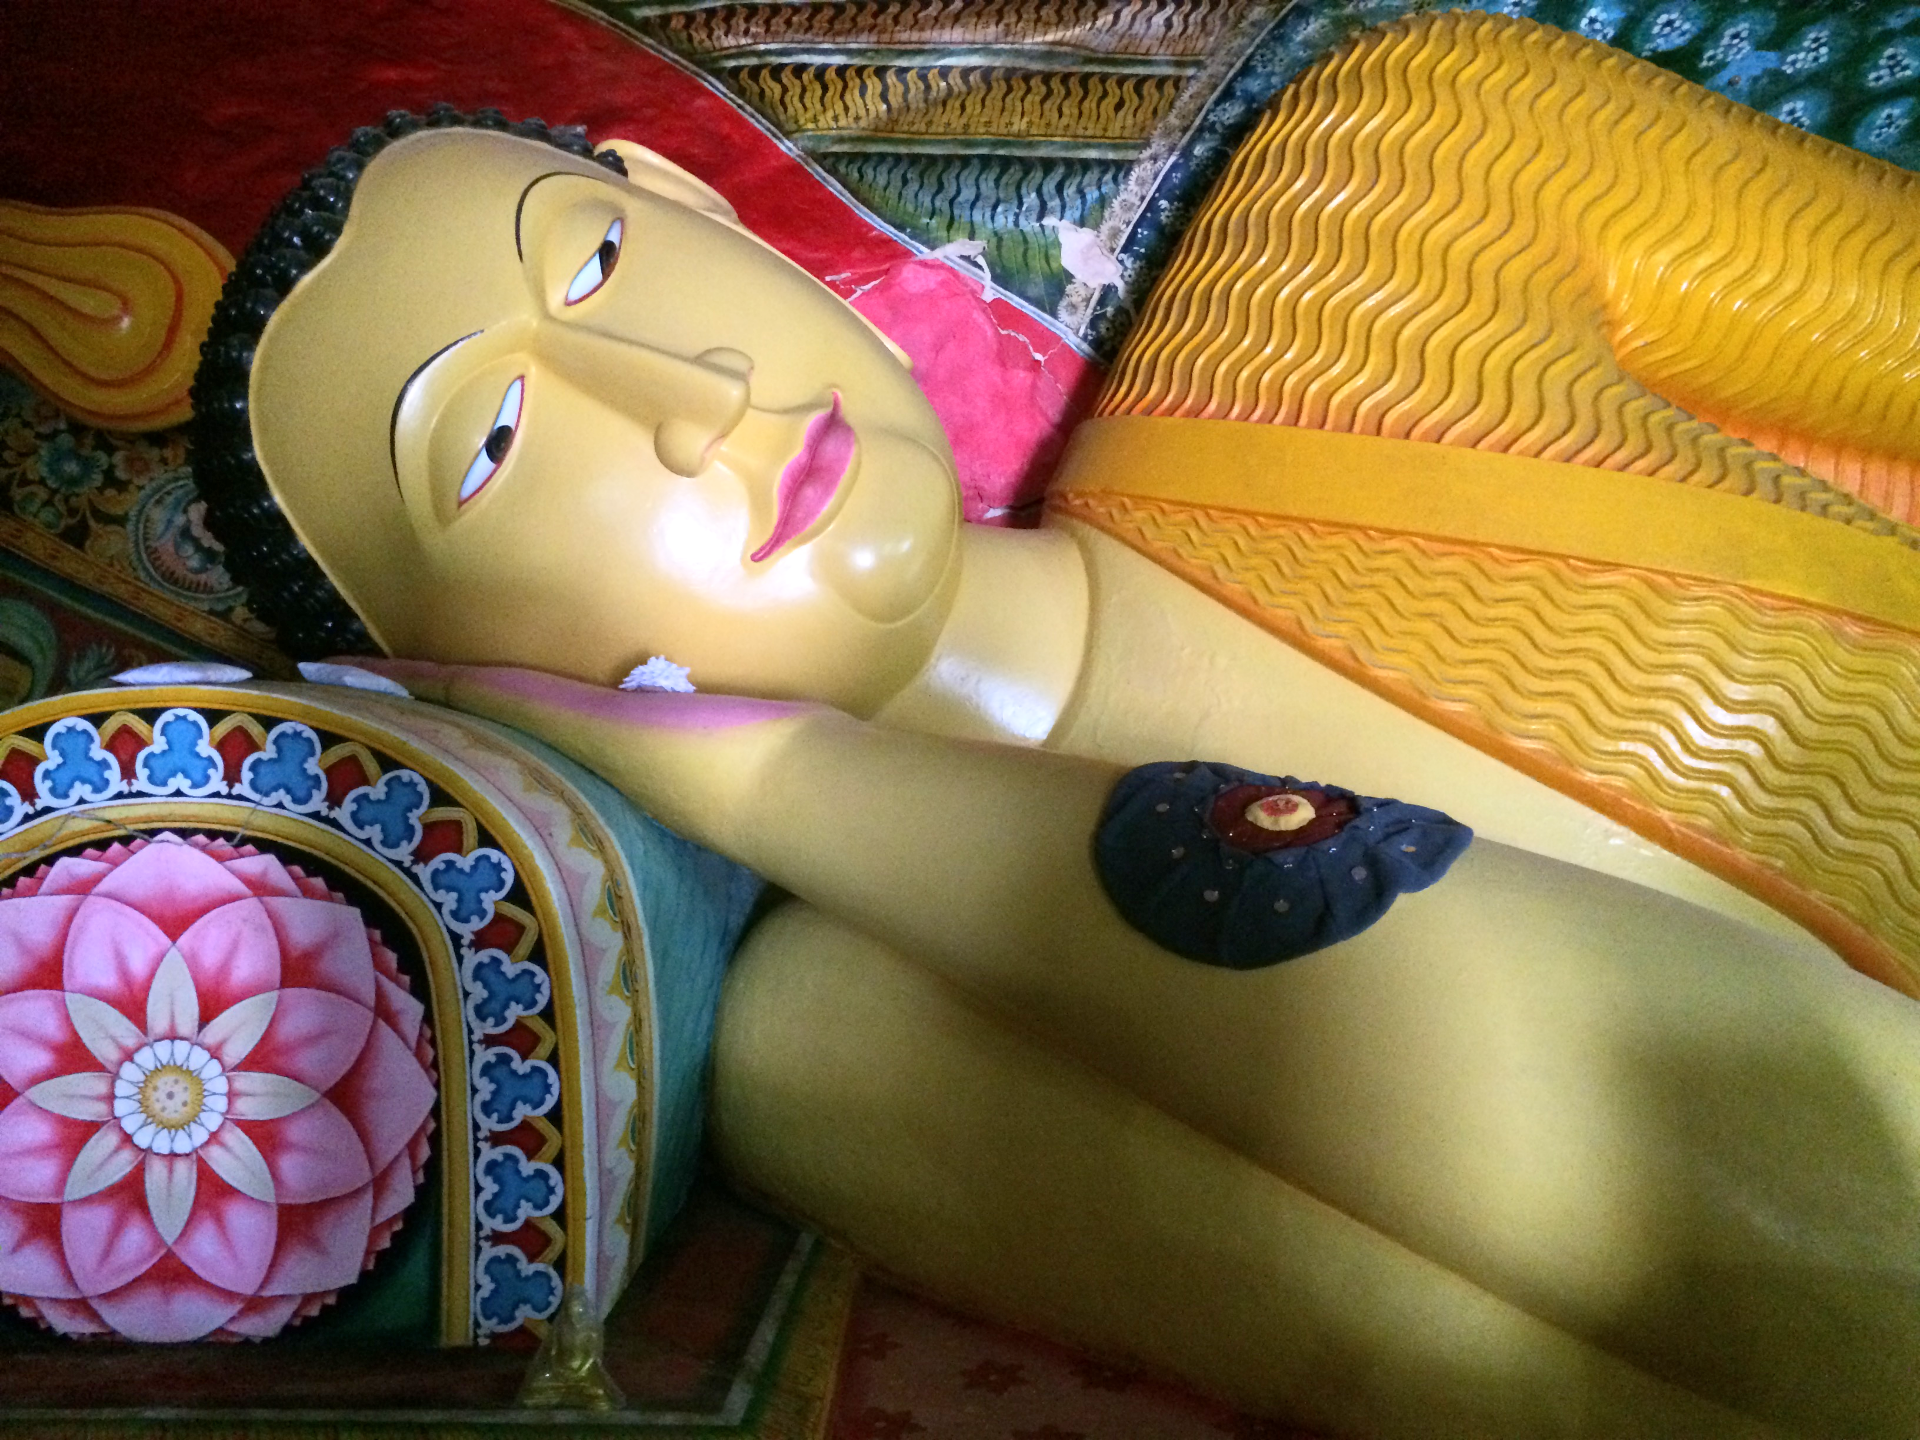 Mulkirigala Raja Maha Viharaya